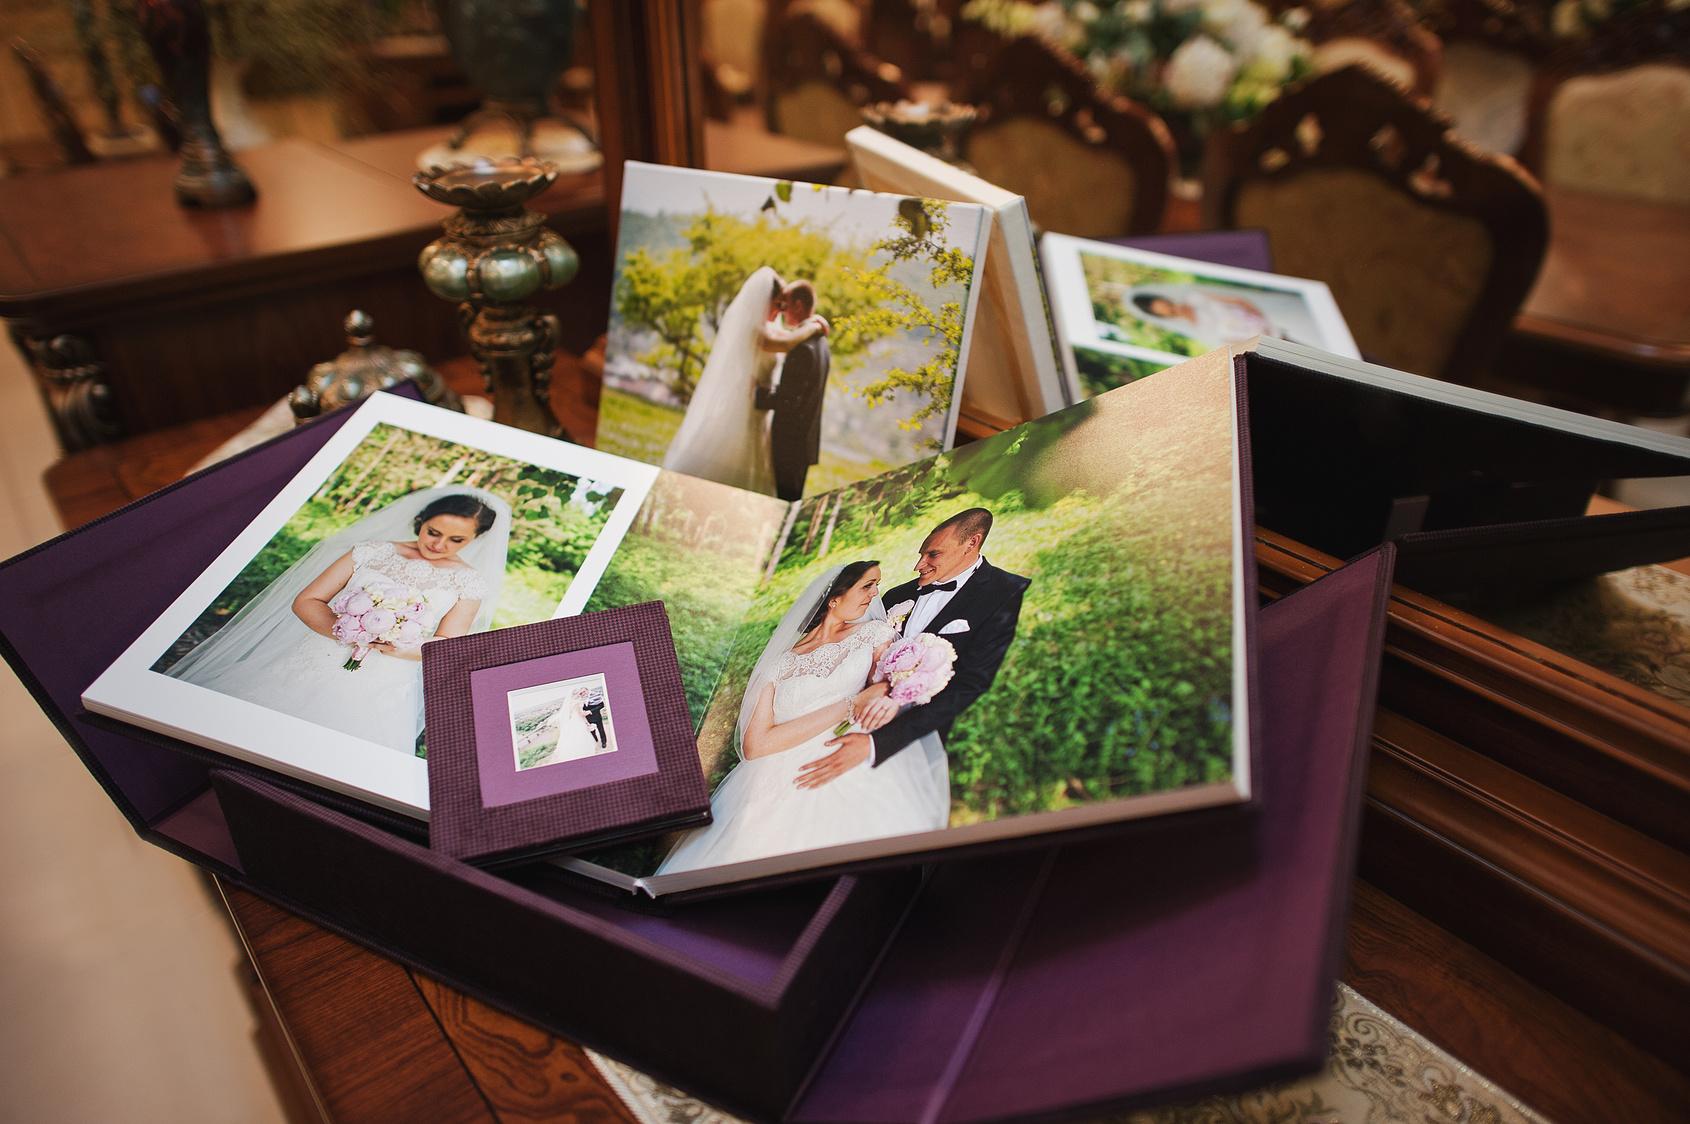 Fotografia ślubna (źródło: materiały prasowe)